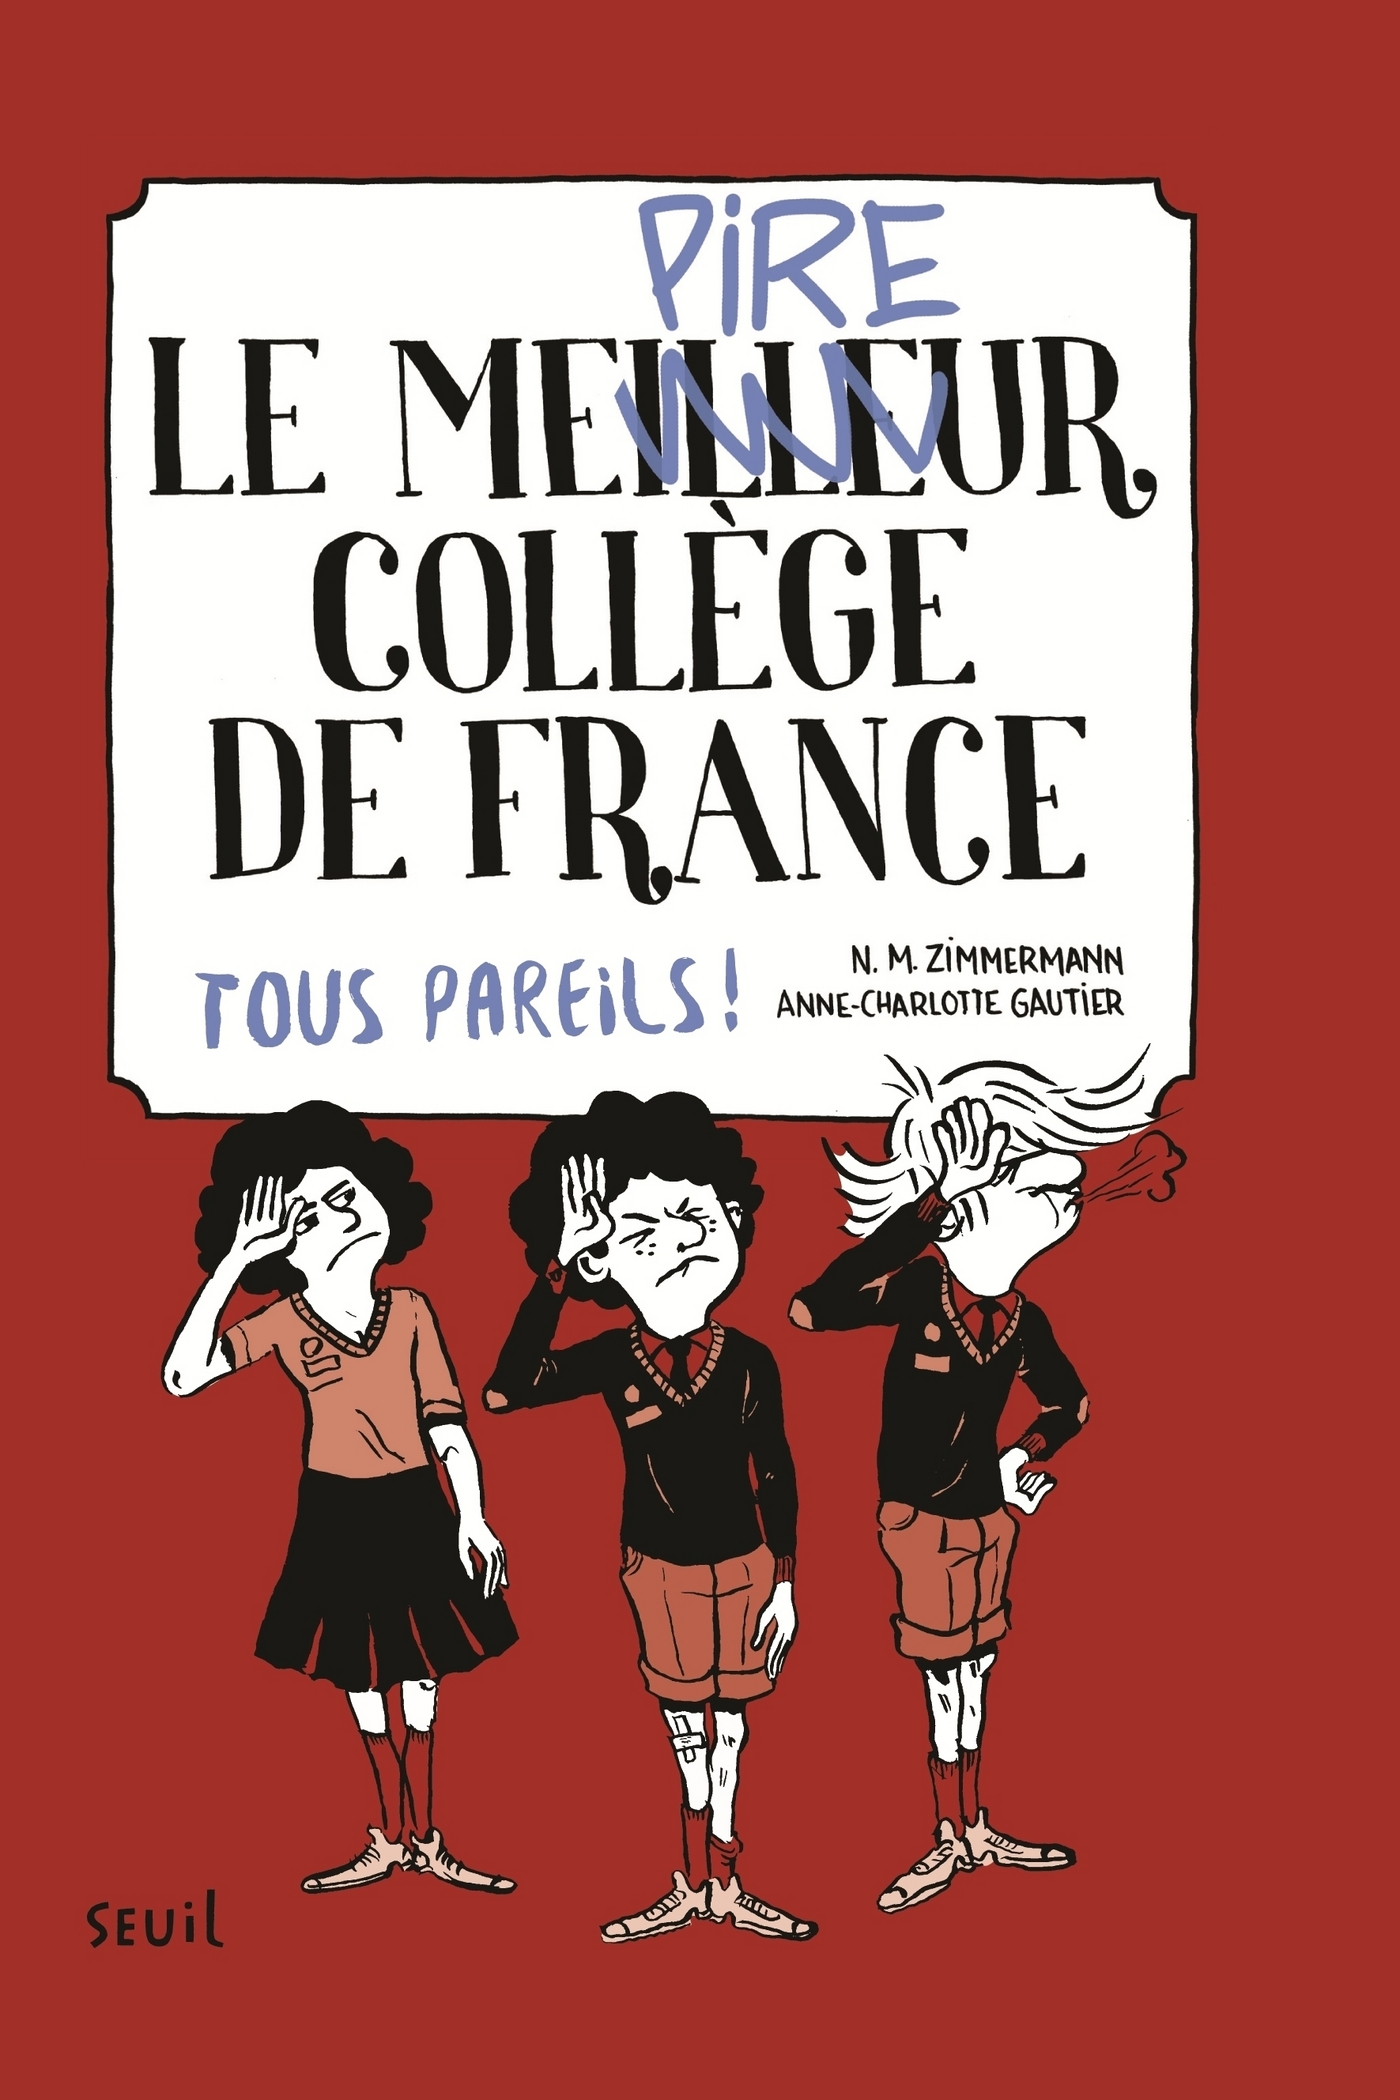 Le Meilleur (pire) collège de France, tome 2. Tous pareils !, Tous pareils !